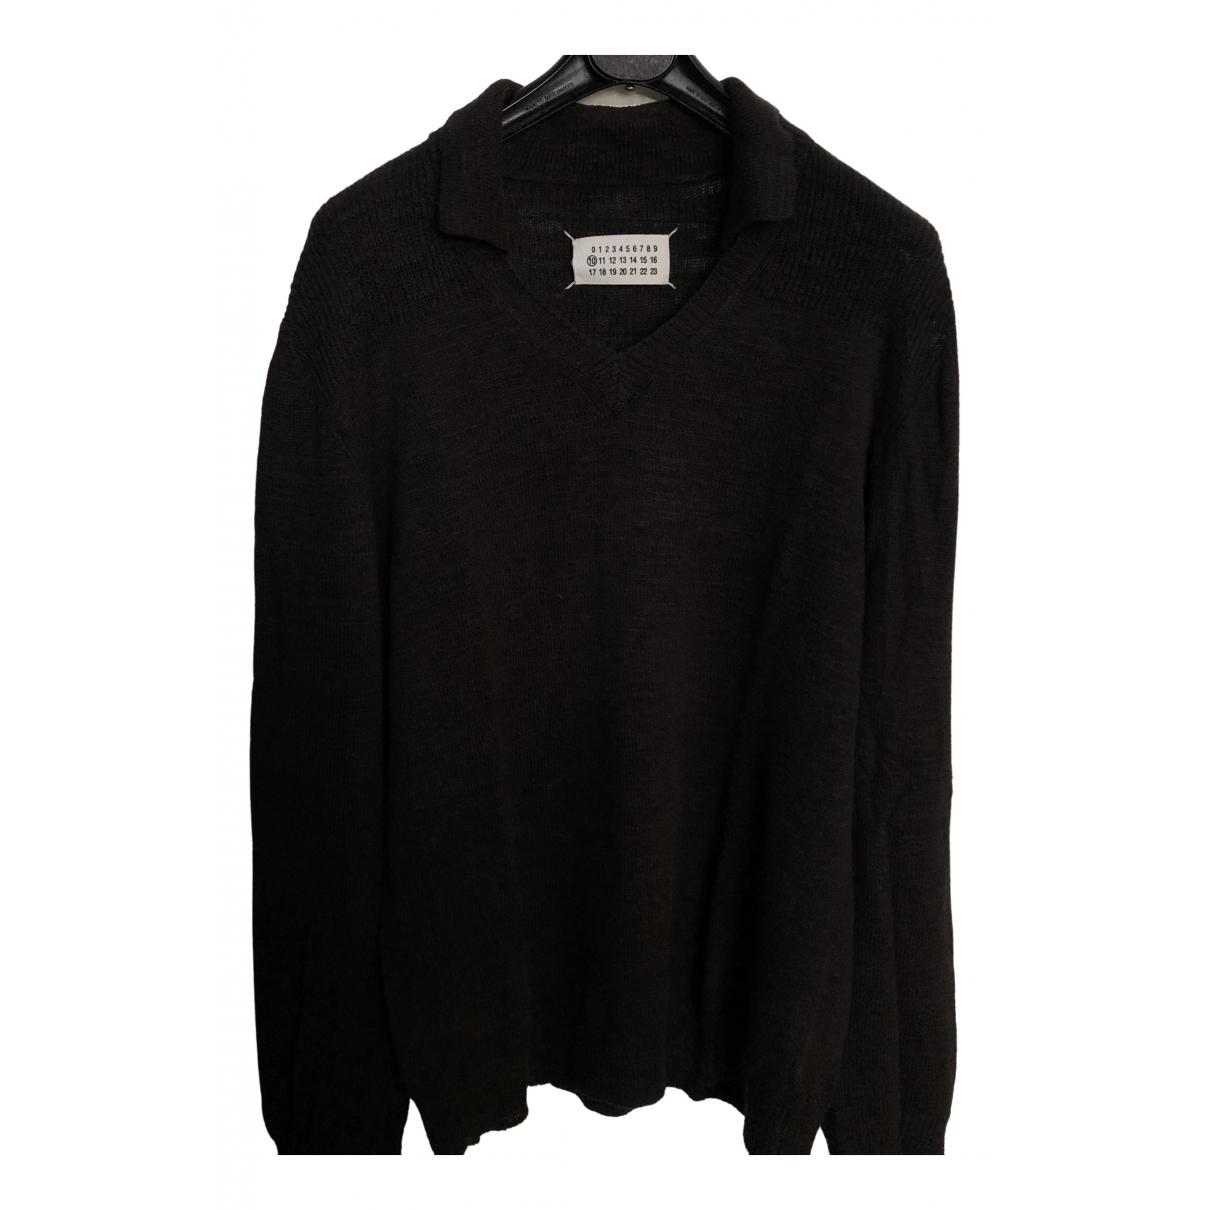 Maison Martin Margiela \N Pullover.Westen.Sweatshirts  in  Anthrazit Baumwolle